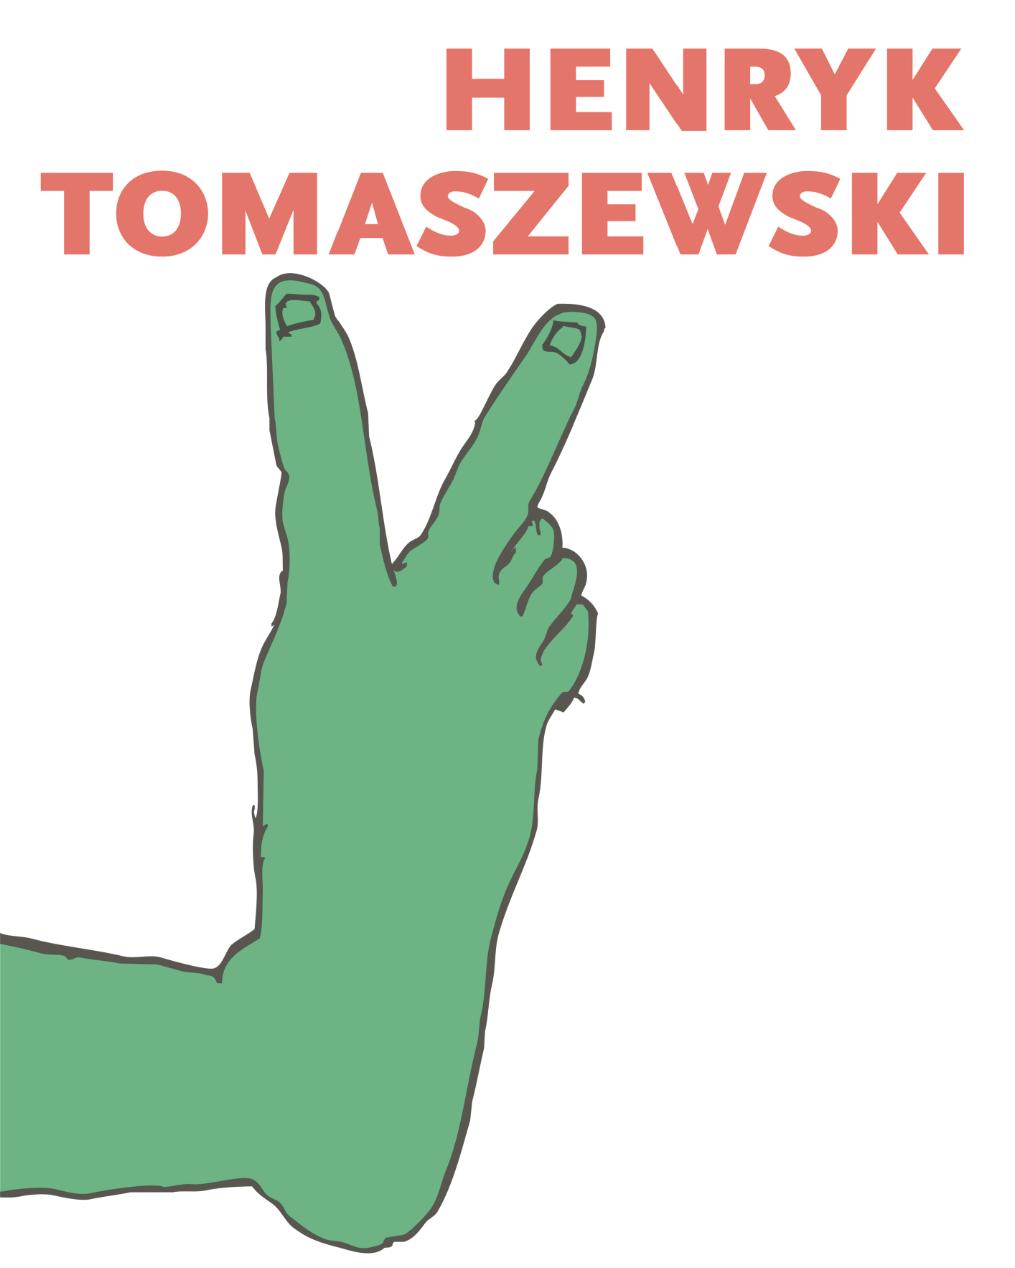 Henryk_Tomaszewski_Designalive6